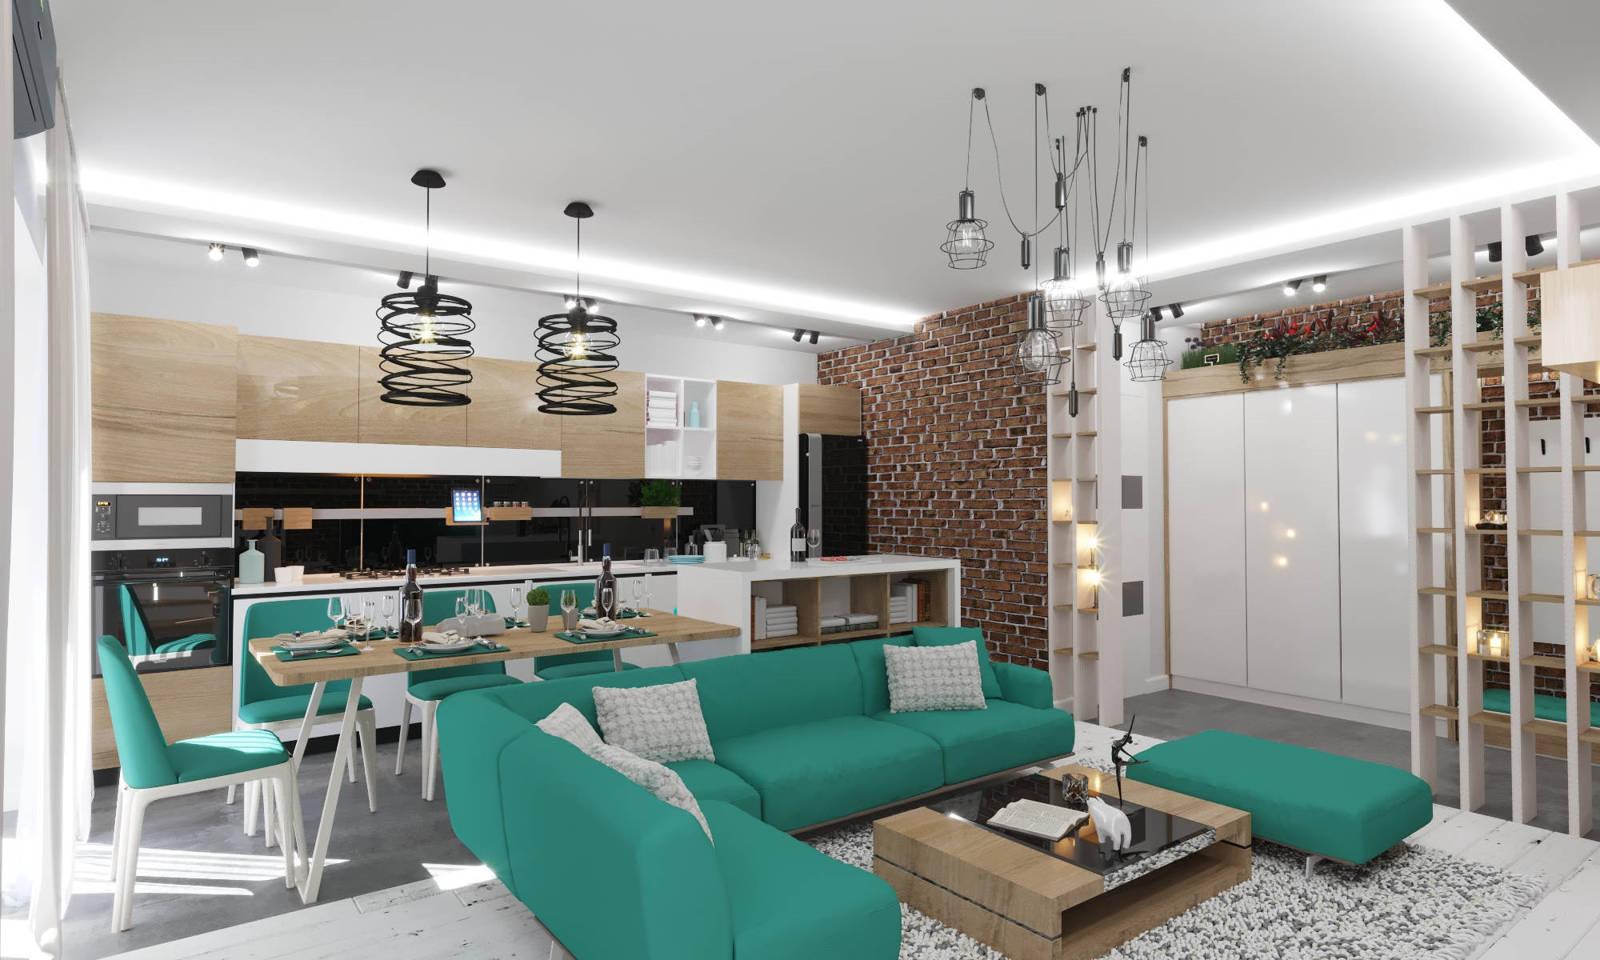 Дизайн кухни в квартире Киев модерн, кирпич на стенах